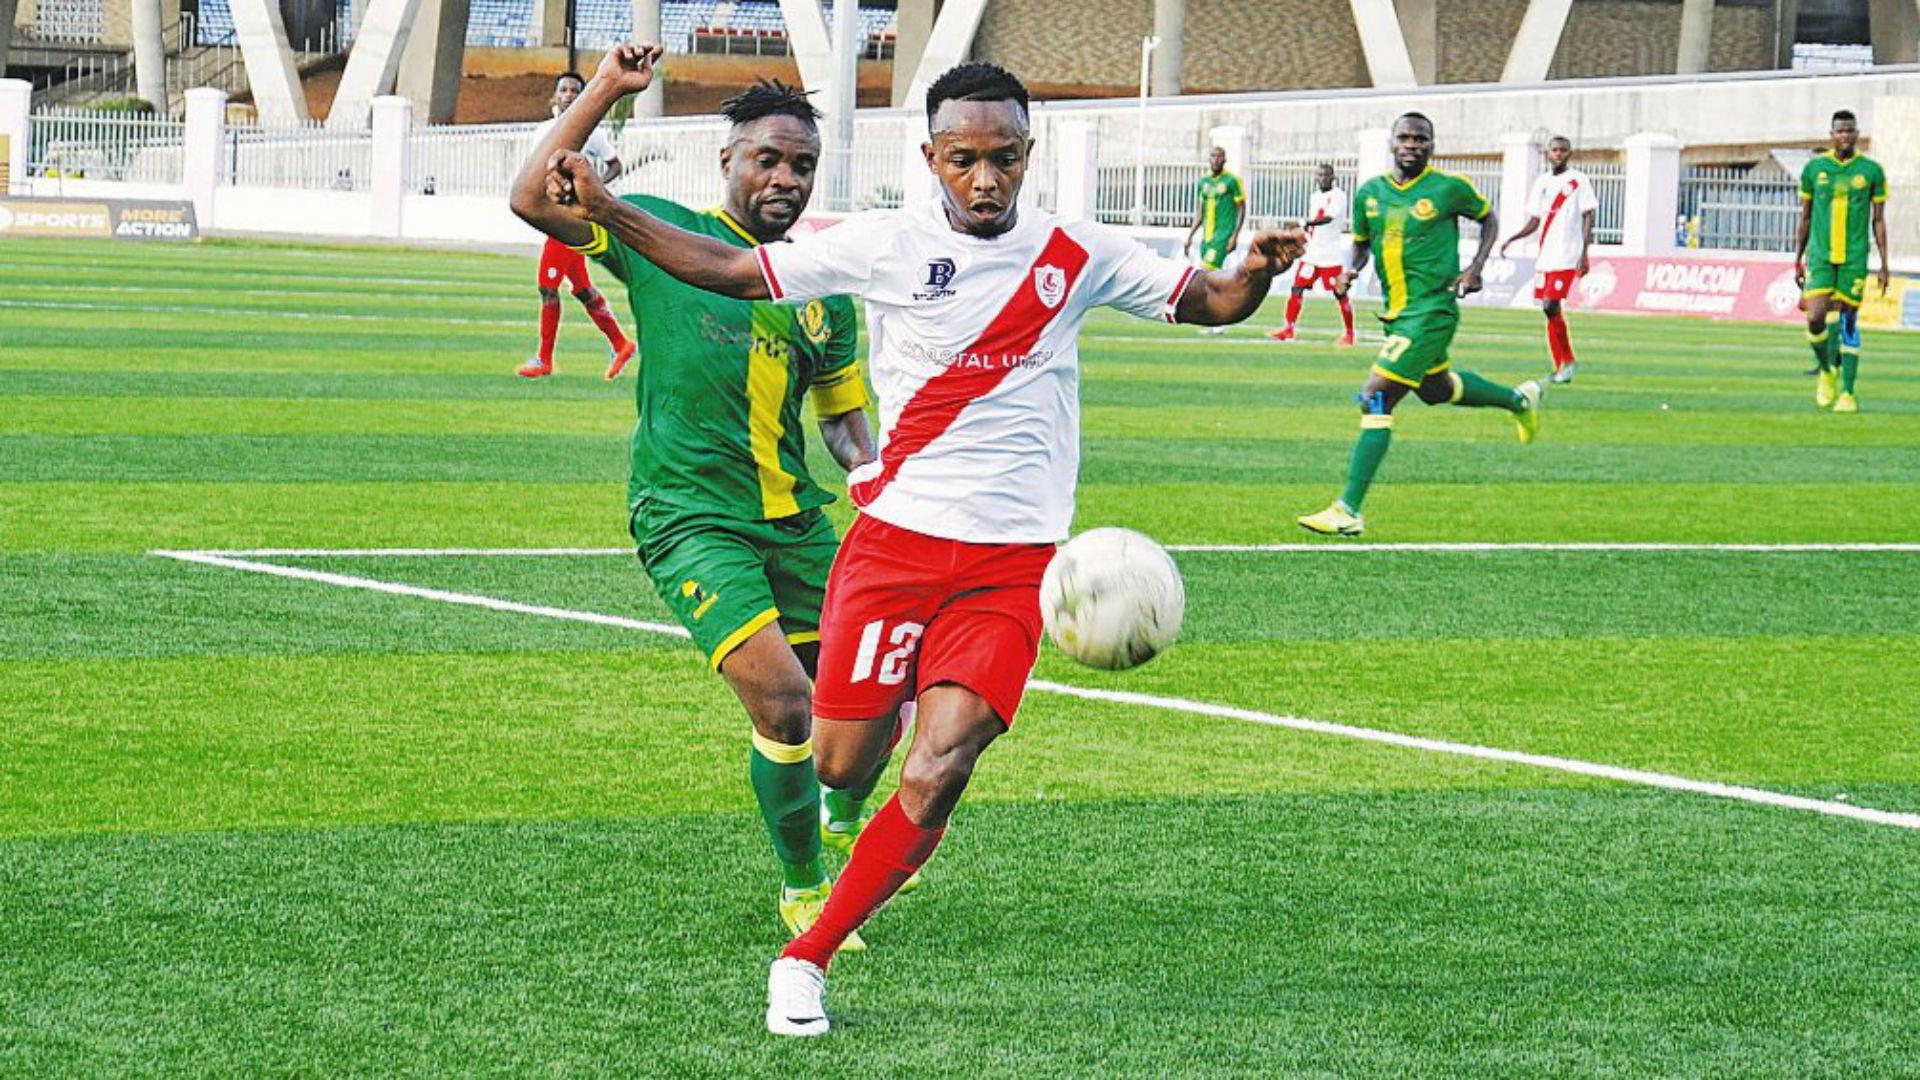 Yanga and Simbas target Tanzanian defender Mwamnyeto - Sports Leo